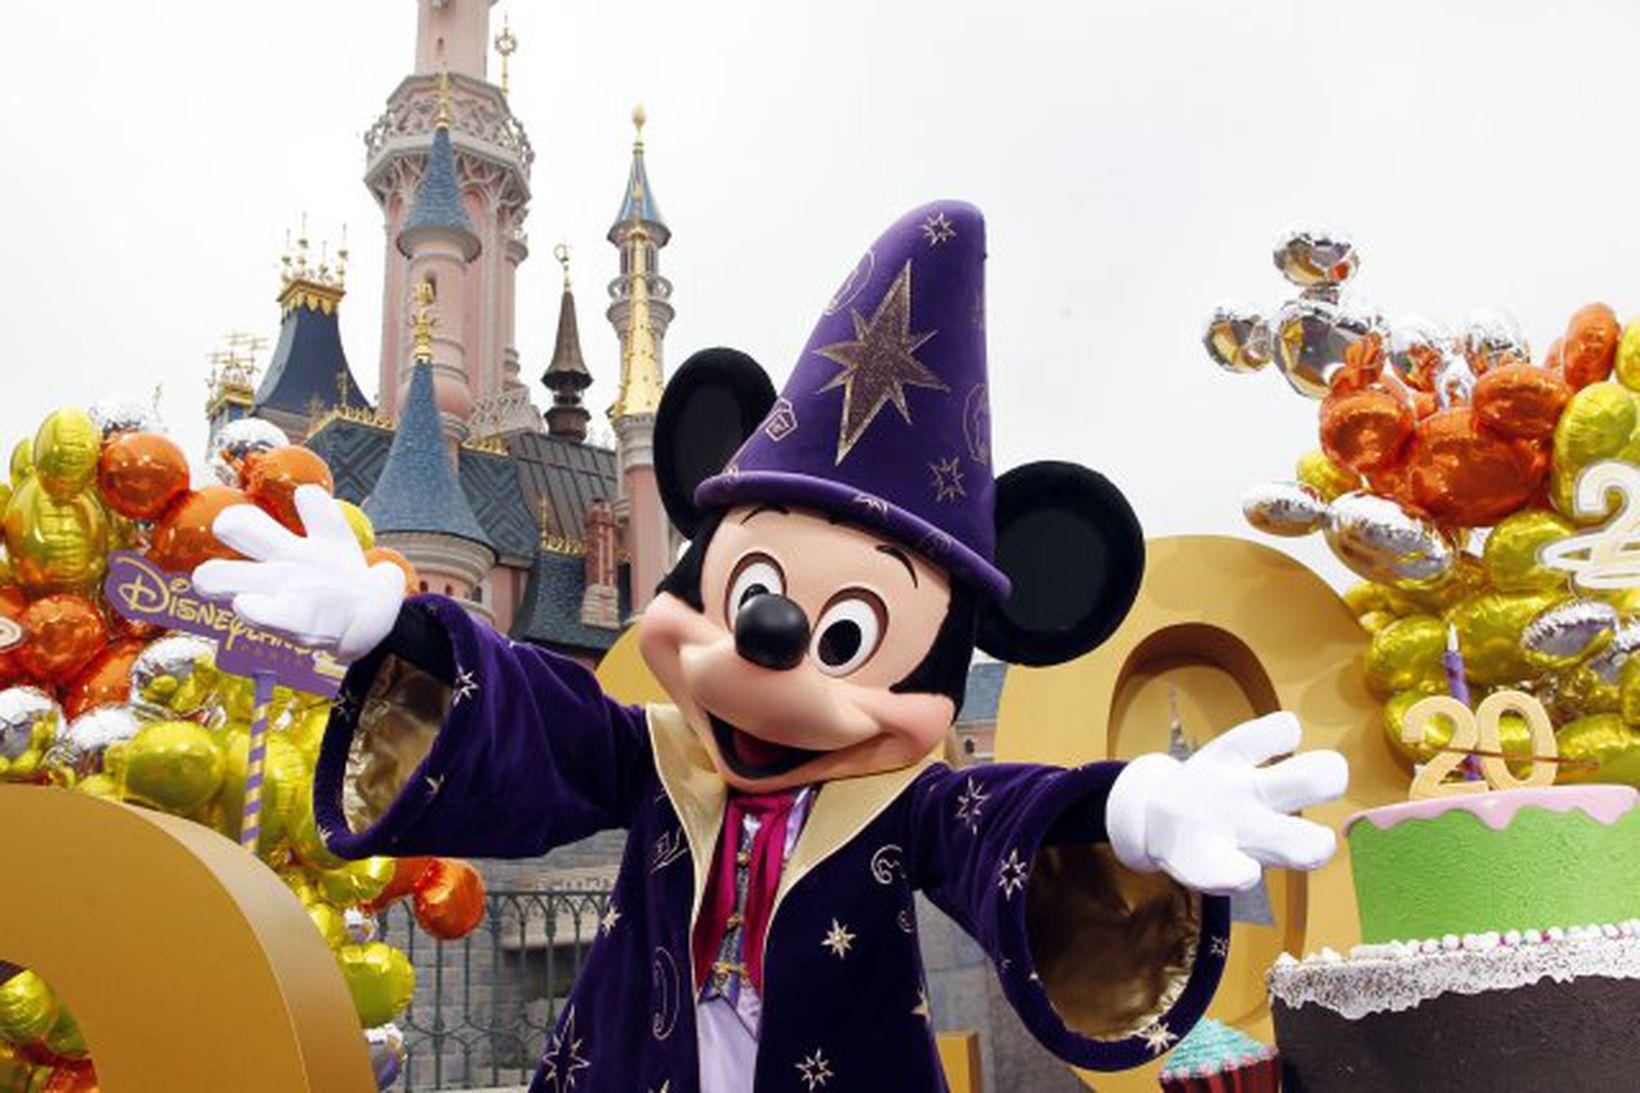 Miðaverð í Disneyland hefur hækkað umtalsvert á síðustu árum.